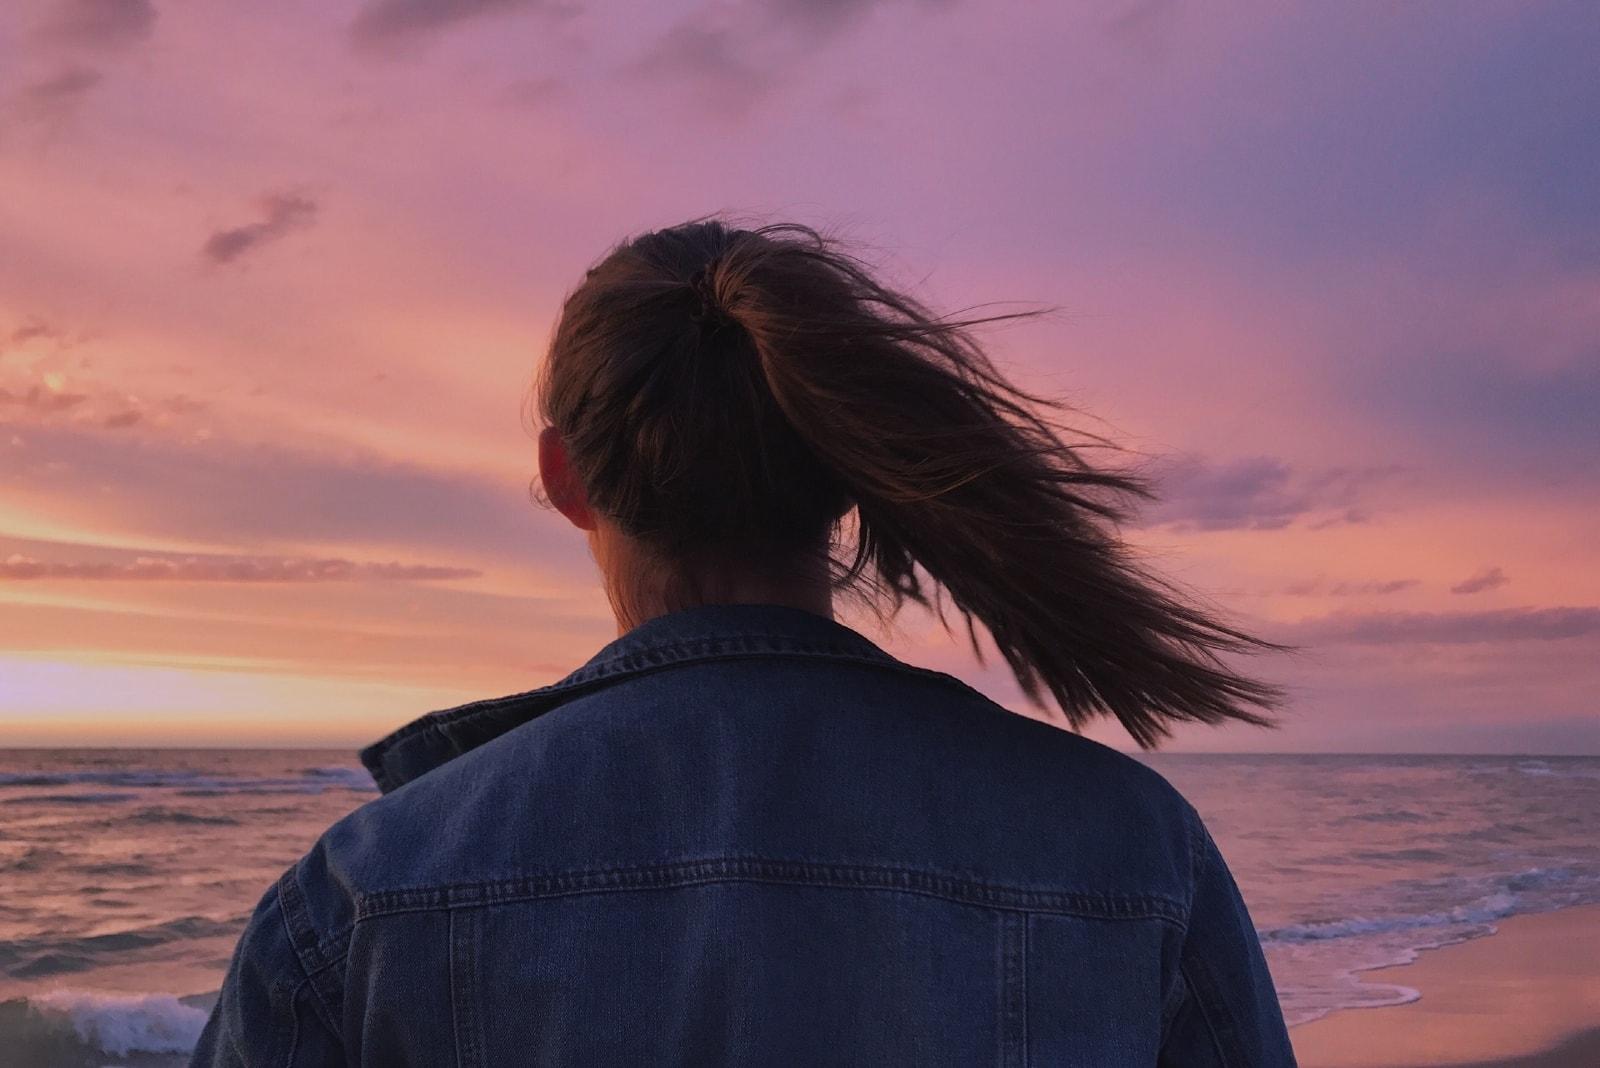 woman in denim jacket looking at sea